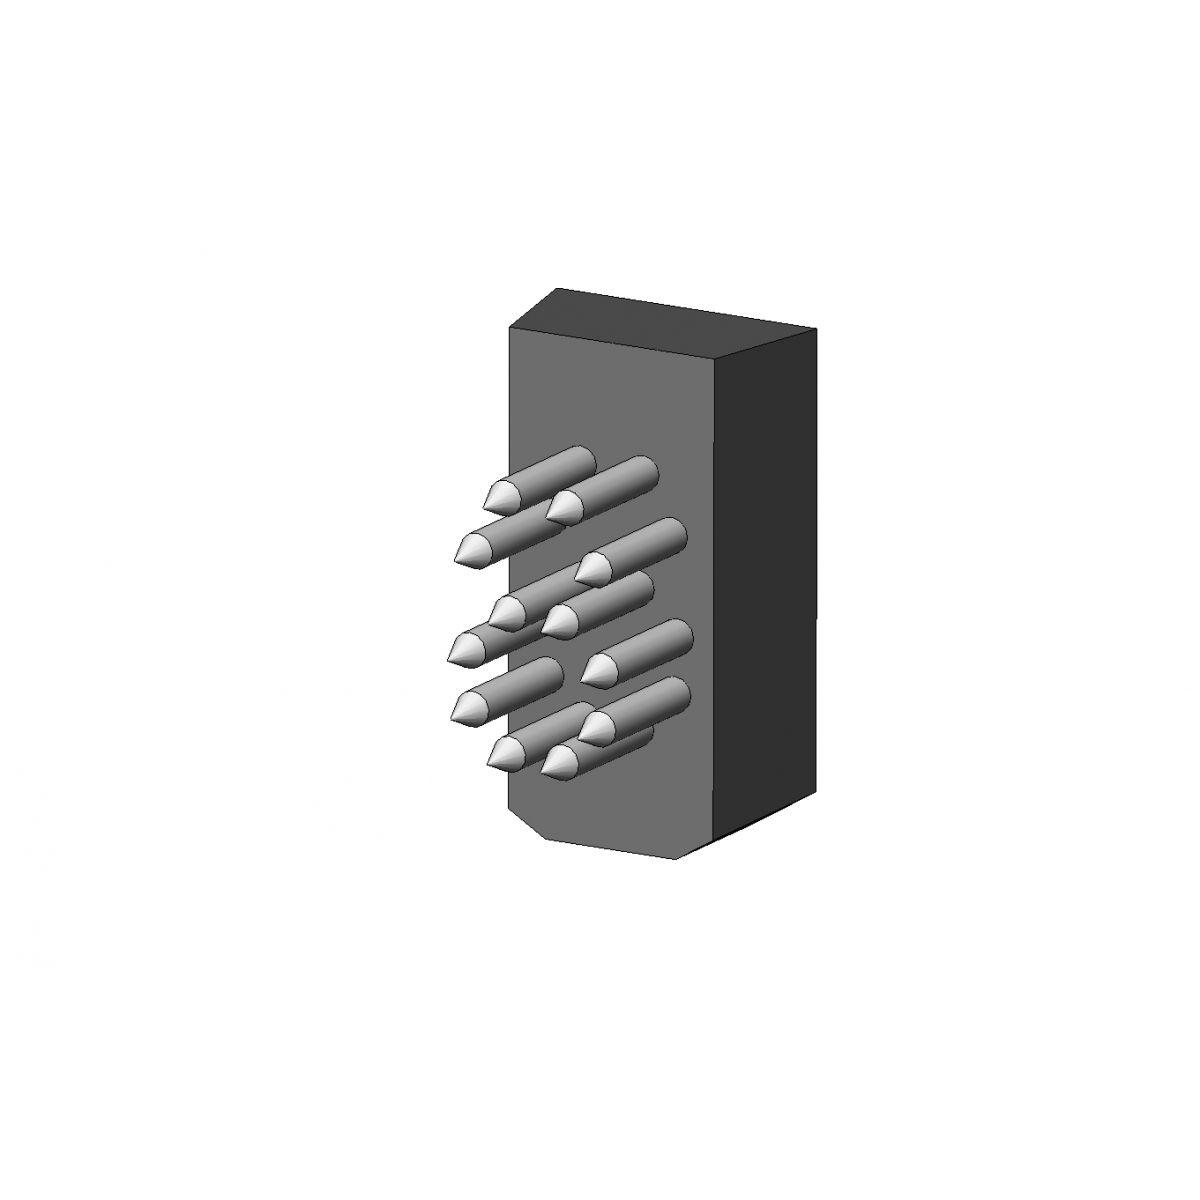 Jogo Números L10 x 17.5 (10 mm) - 7 Espaços